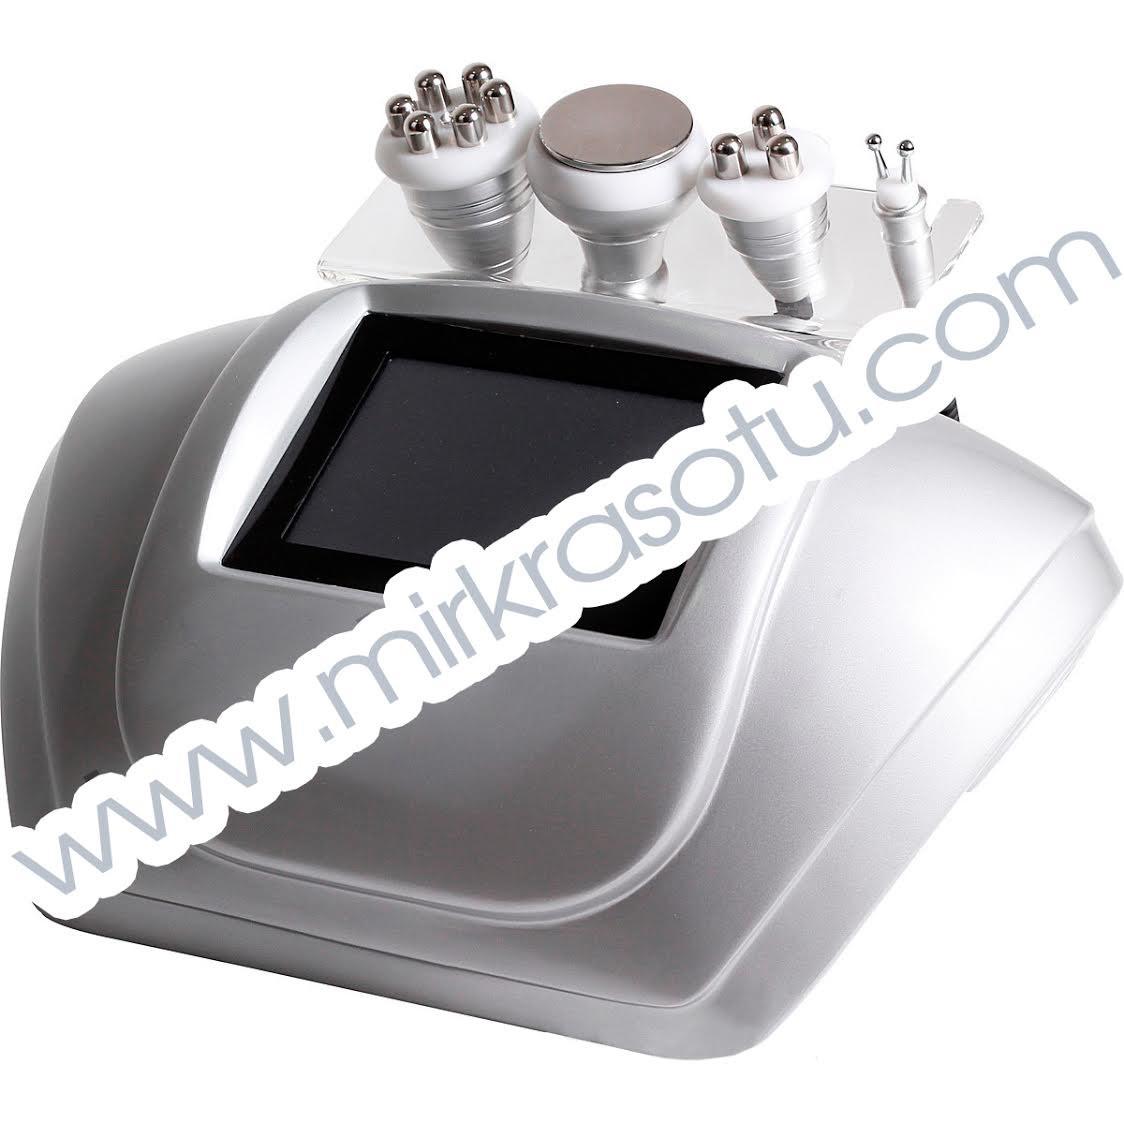 Профессиональный аппарат для похудения и коррекции фигуры Prolight White New